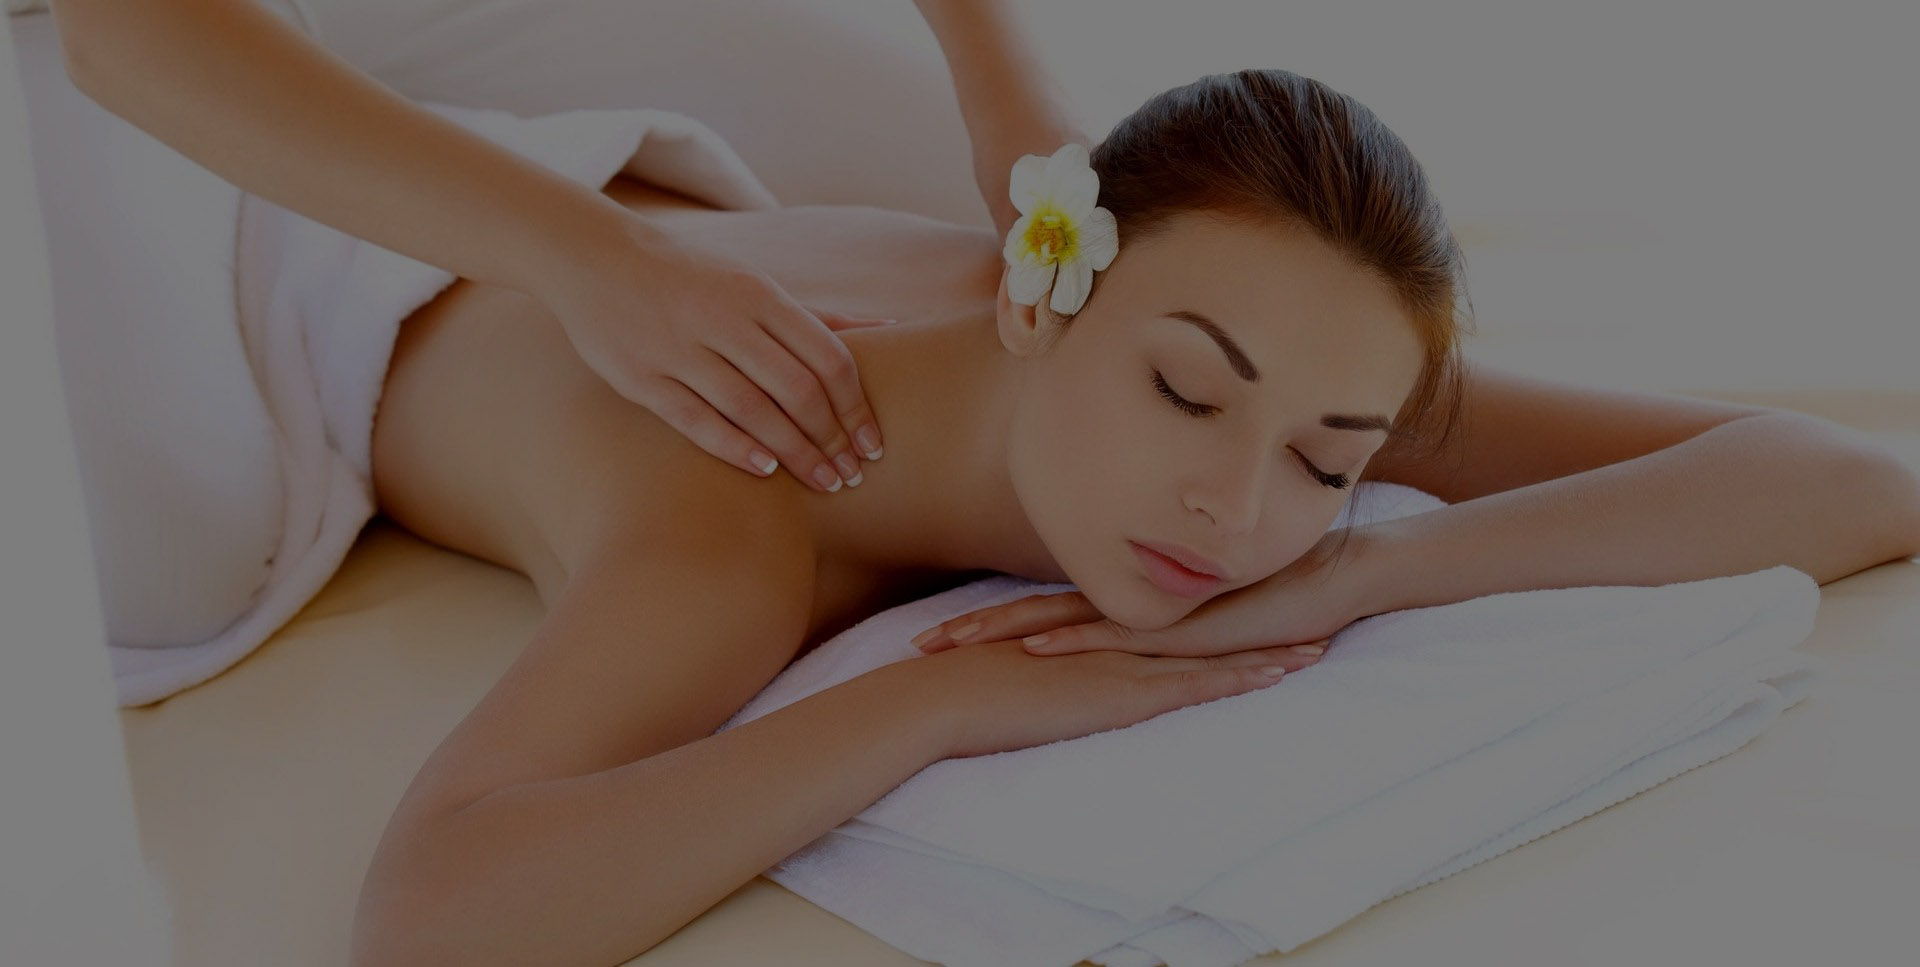 Alivie o stress, elimine as tensões e aproveite a massagem mais relaxante da sua vida.